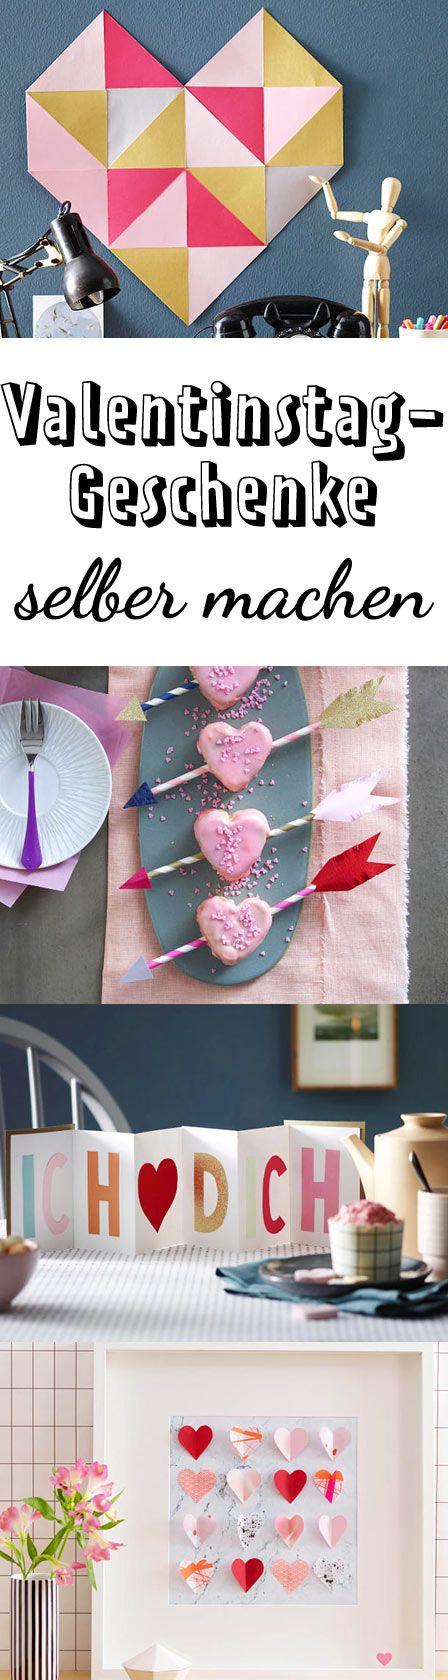 Valentinstag-Geschenke selber machen - 5 herzige Ideen | LECKER